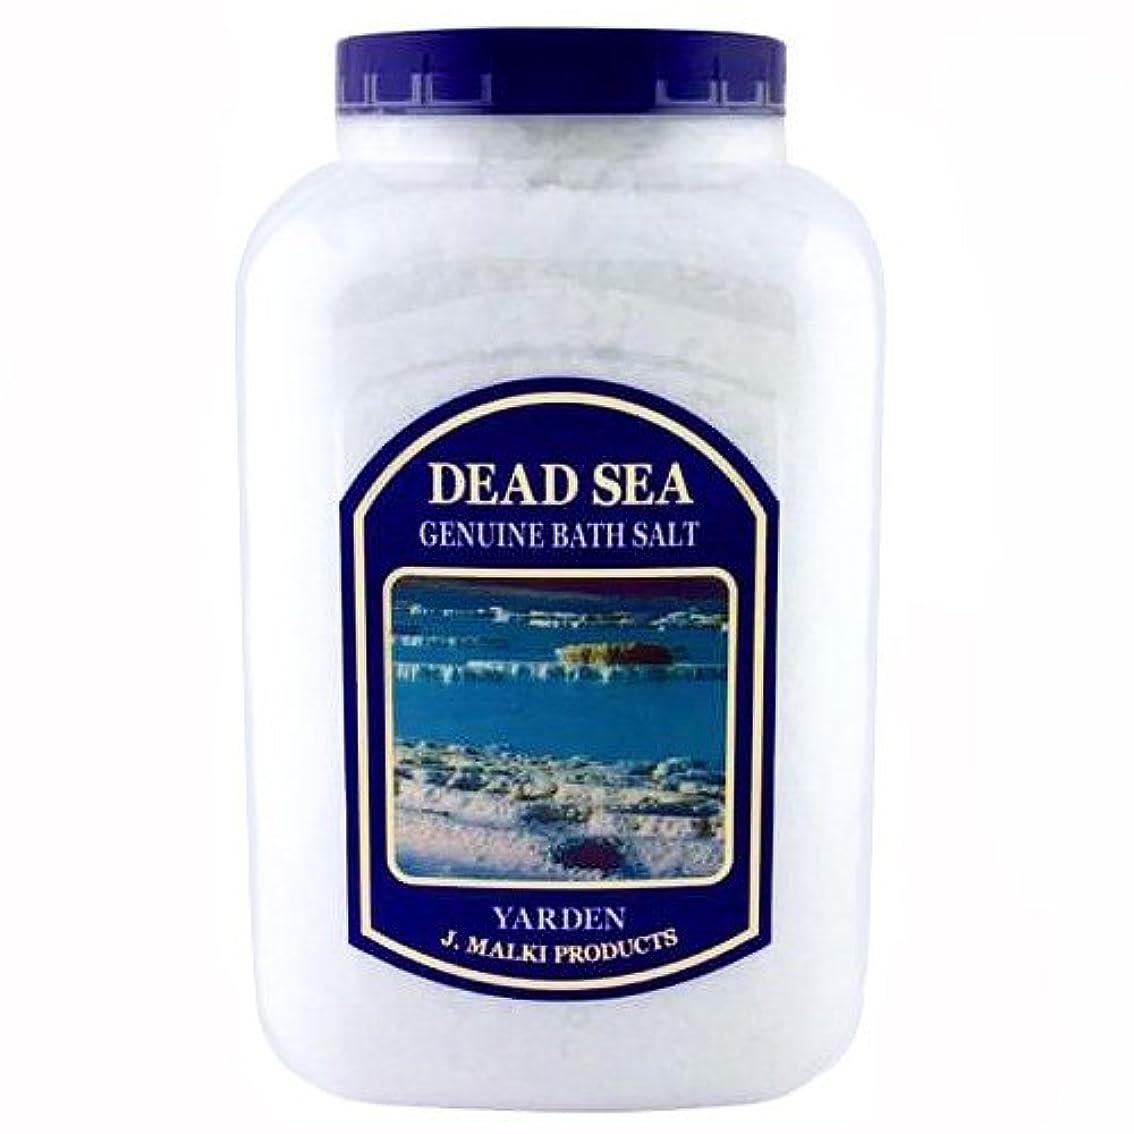 故障前者成果デッドシー?バスソルト 4.5kg(約45回分)【DEAD SEA BATH SALT】死海の塩/入浴剤(入浴用化粧品)【正規販売店】